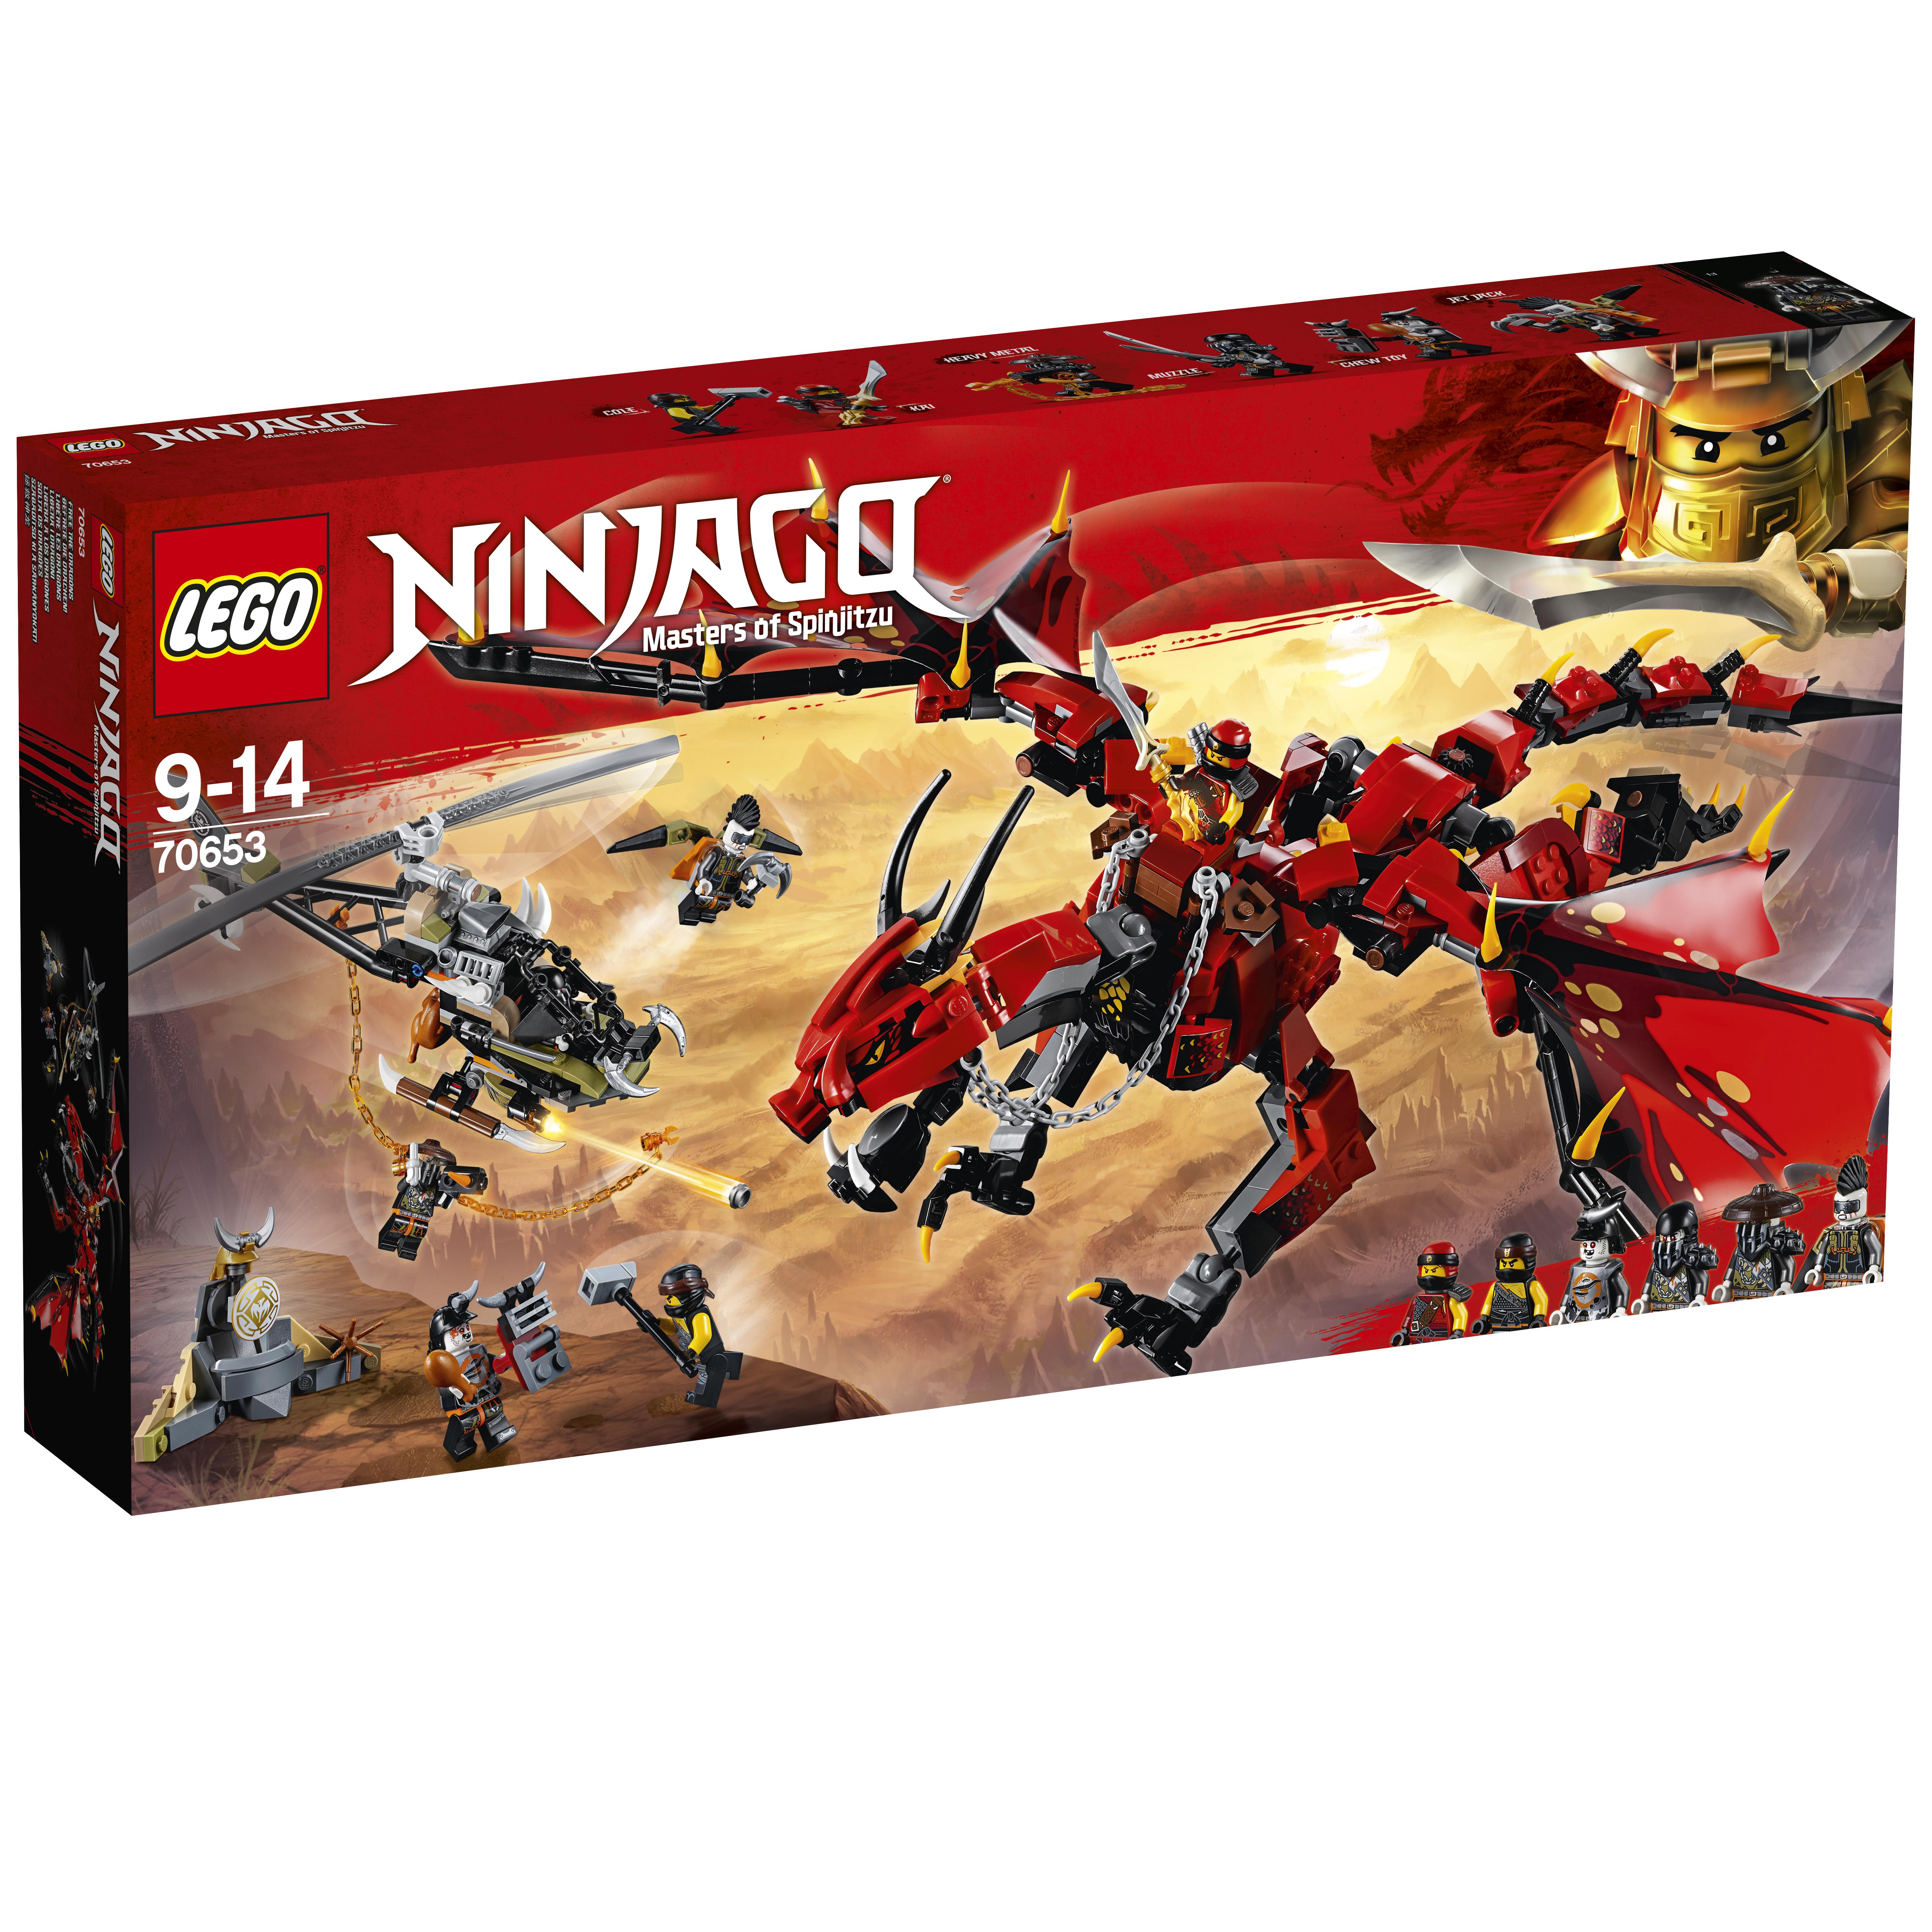 LEGO LEGO Конструктор LEGO Ninjago 70653 Первый страж эффективный дели 70653 может быть большой емкость стиральным вдоль цвета маркеров 18